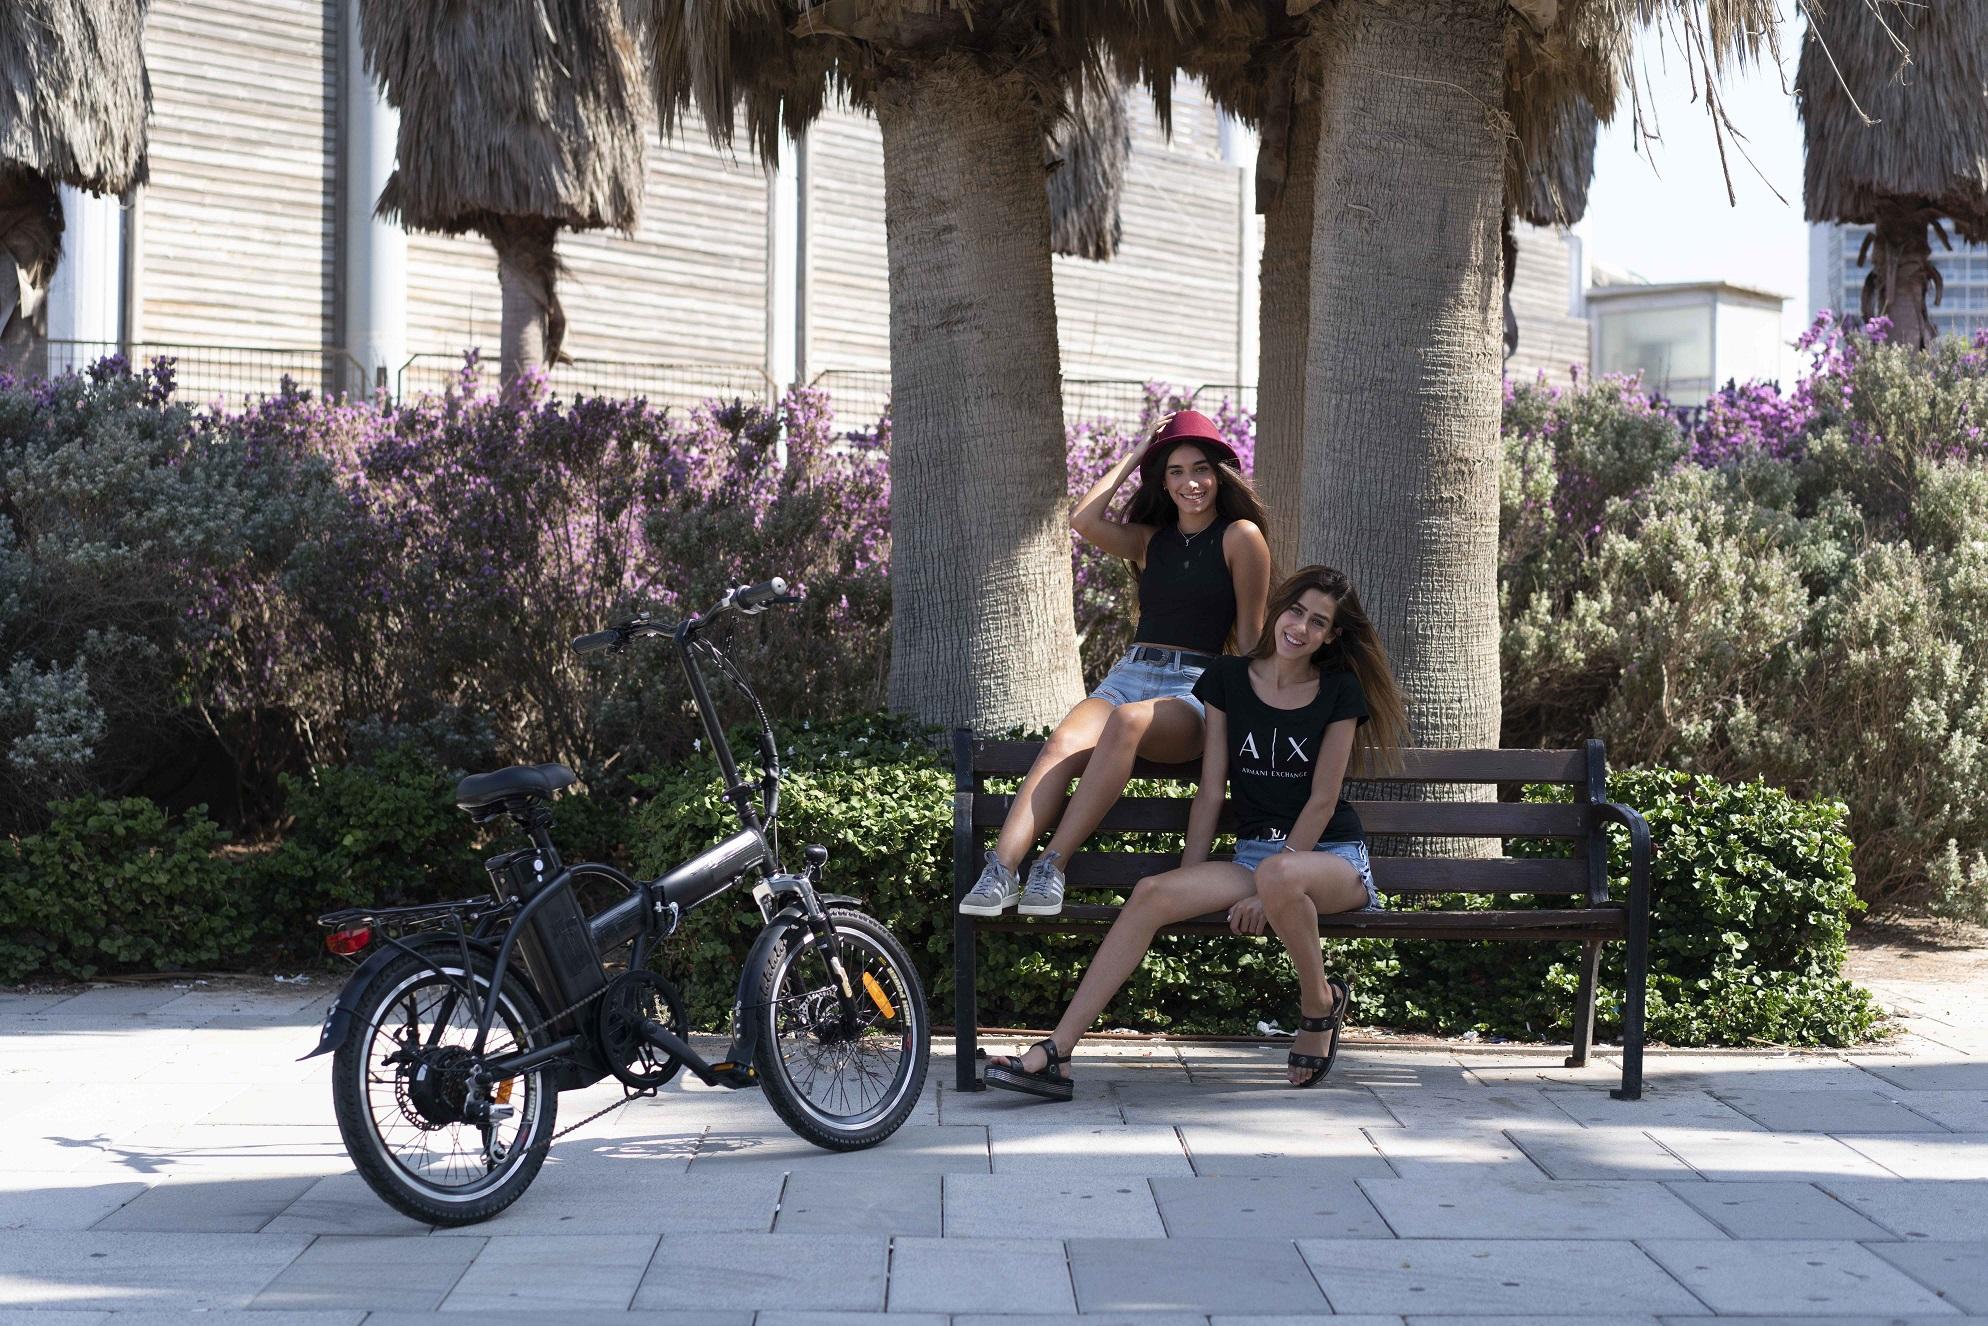 אופניים חשמליים הגבלת מהירות